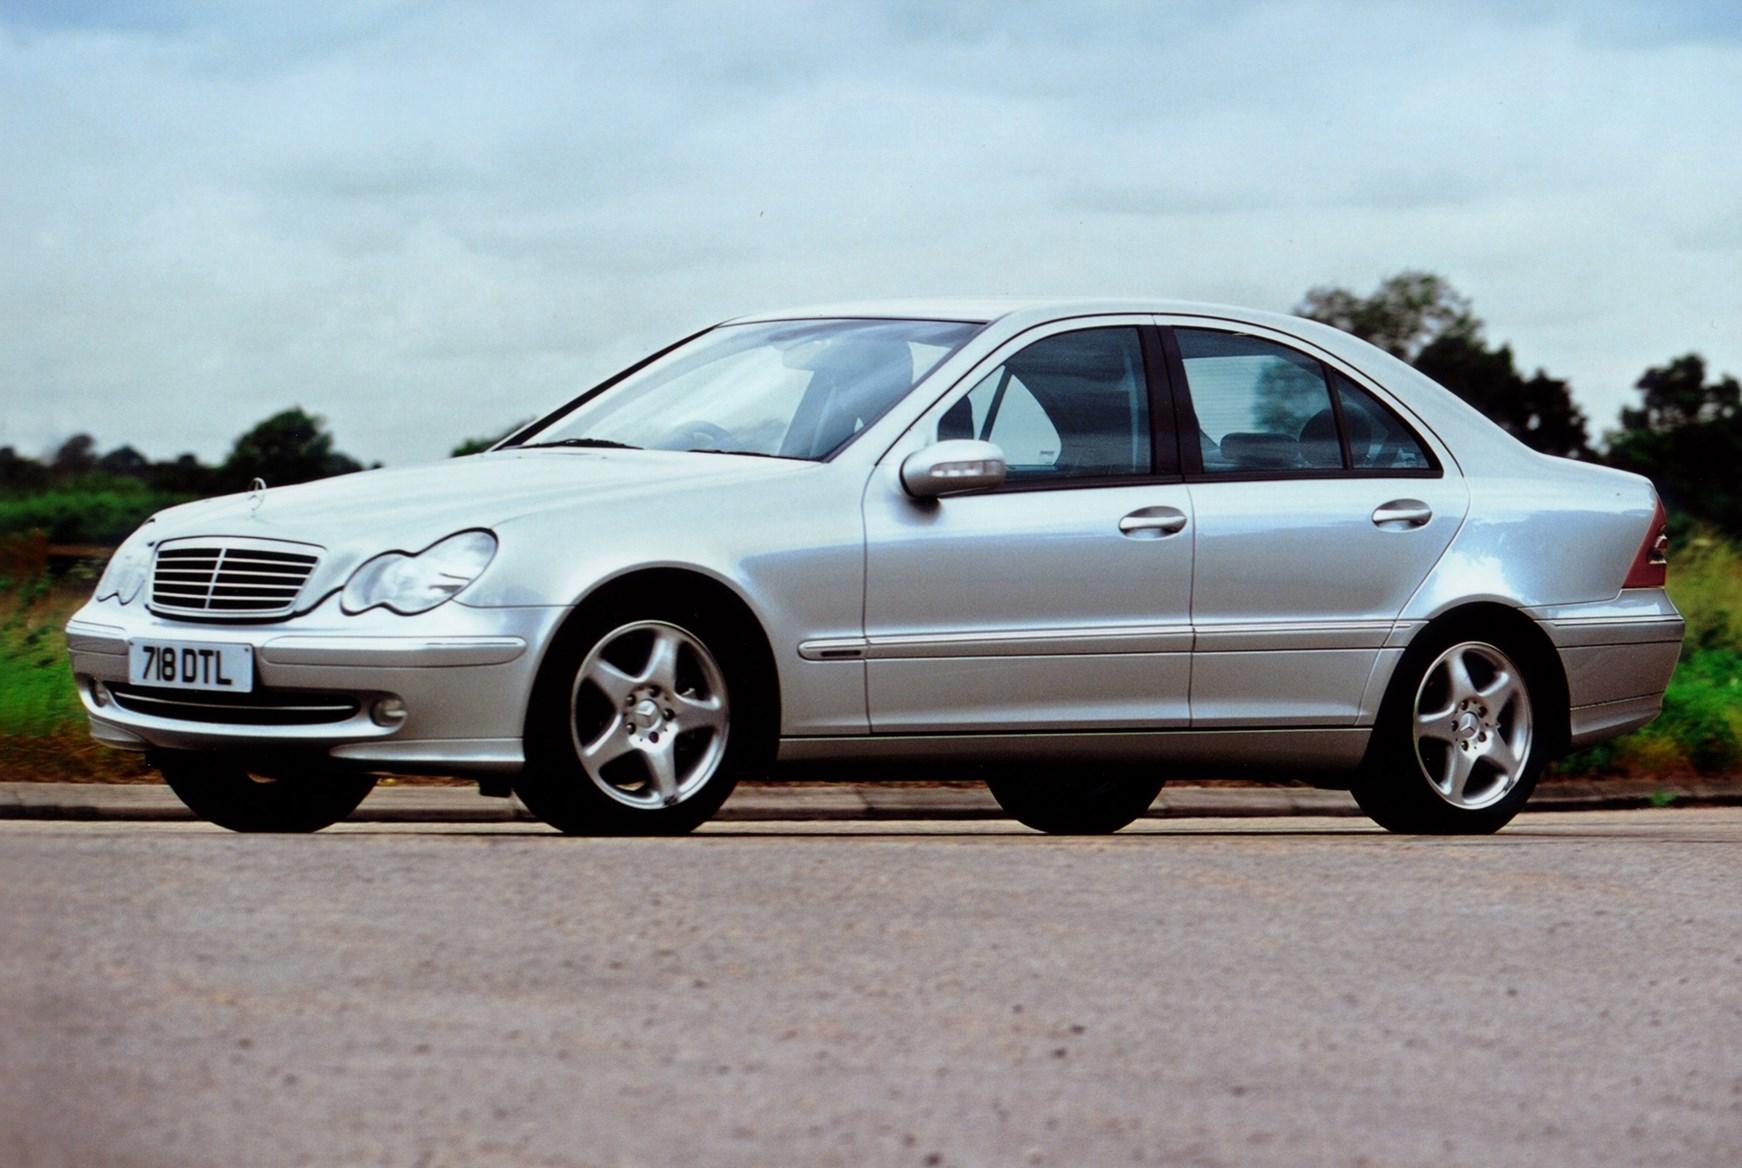 Mercedes-Benz C-klasse AMG II (W203) 2001 - 2004 Station wagon 5 door #1